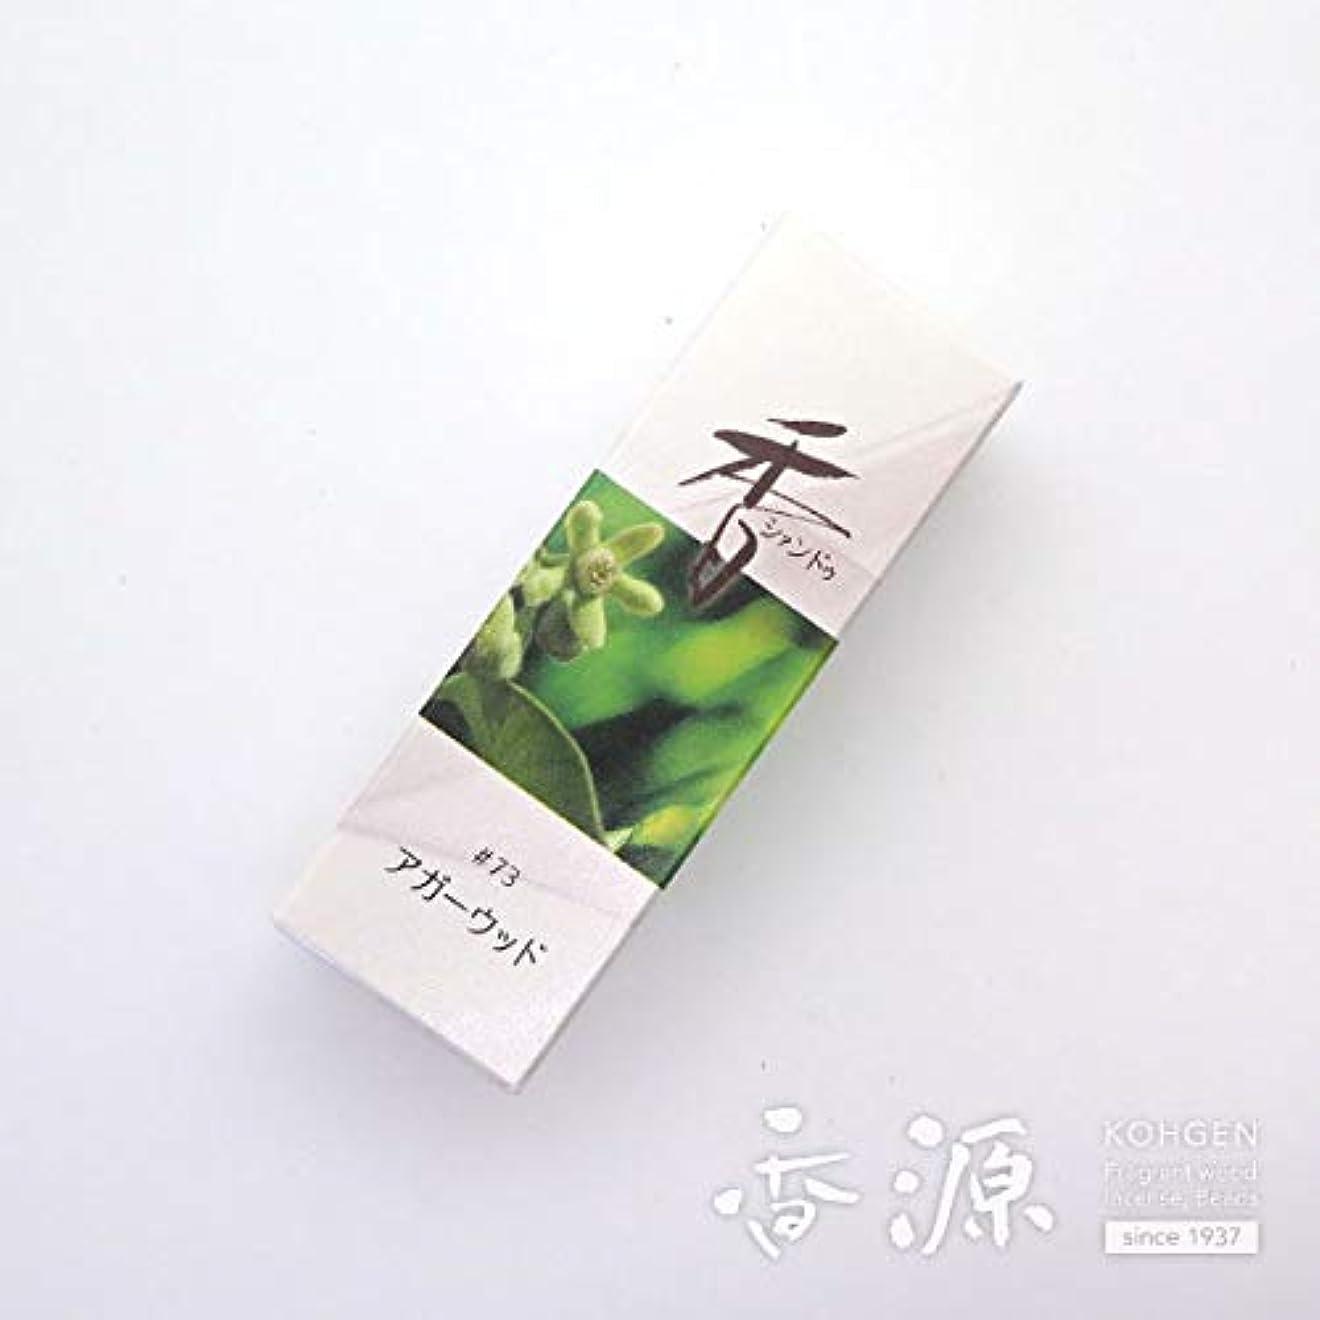 ピュー摂動アリス松栄堂のお香 Xiang Do(シャンドゥ) アガーウッド ST20本入 簡易香立付 #214273